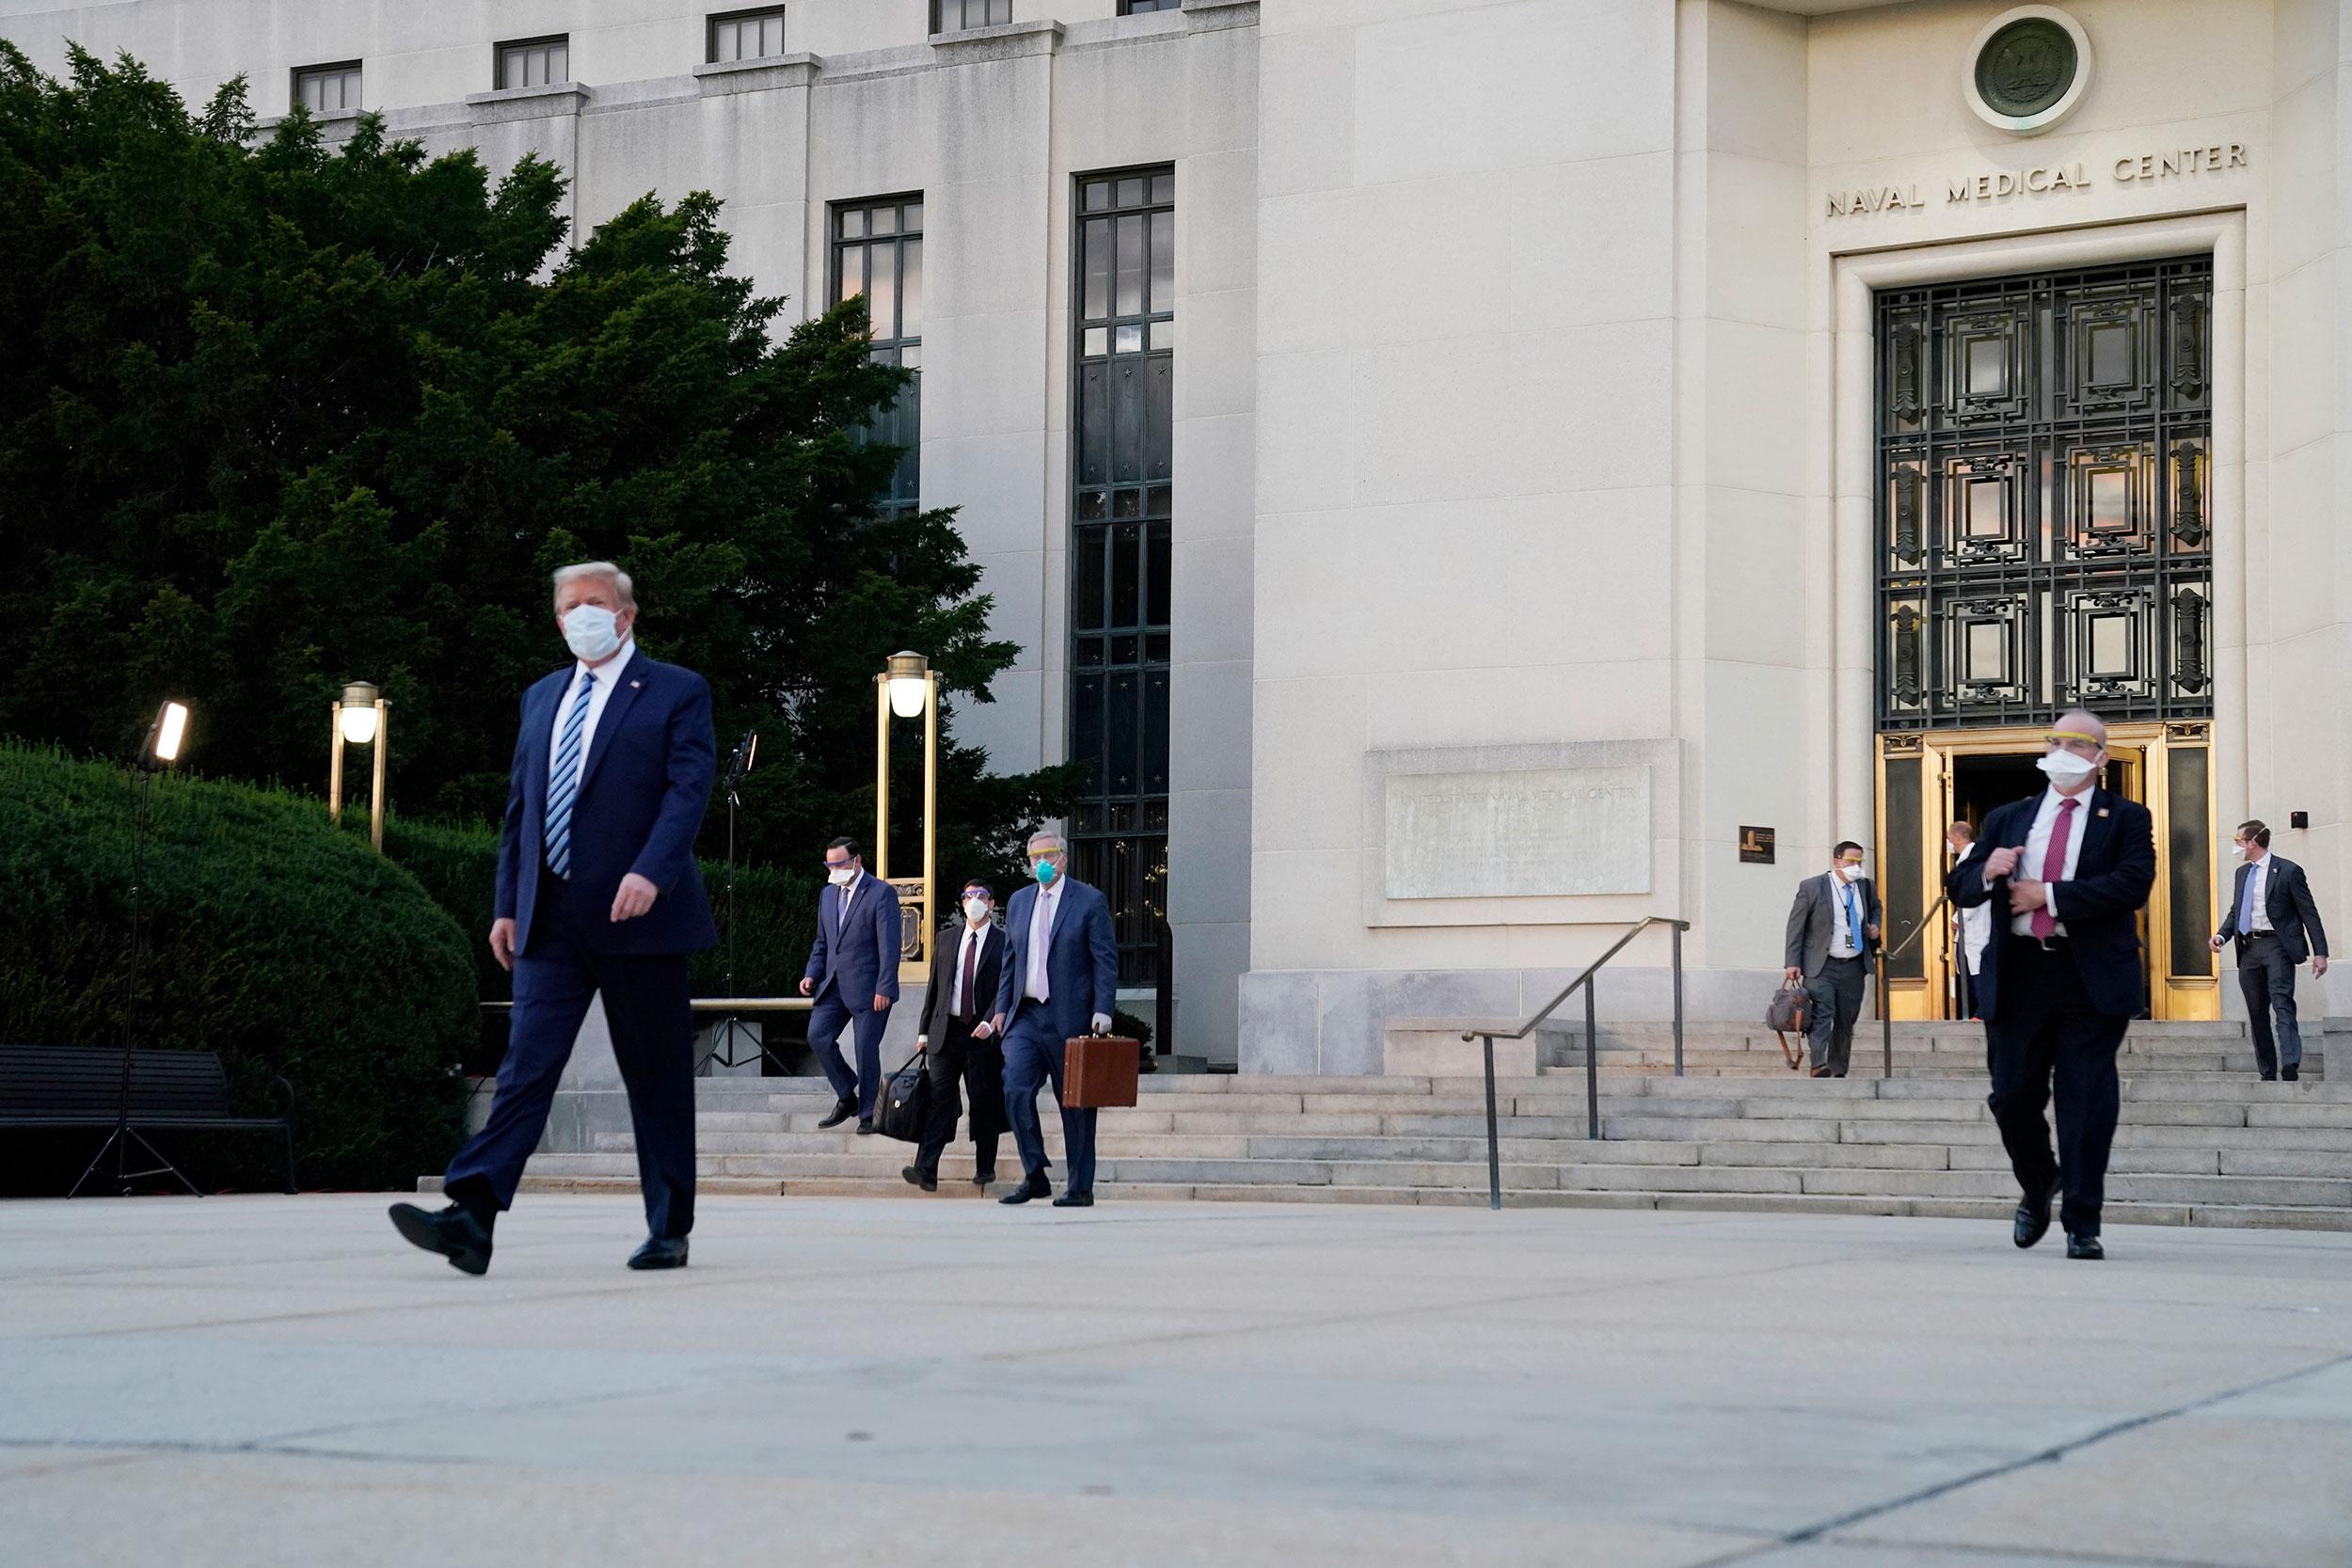 特朗普病情及白宫疫情更新:特朗普今晚返回白宫;特朗普的联系人中至少13人确诊【更新】